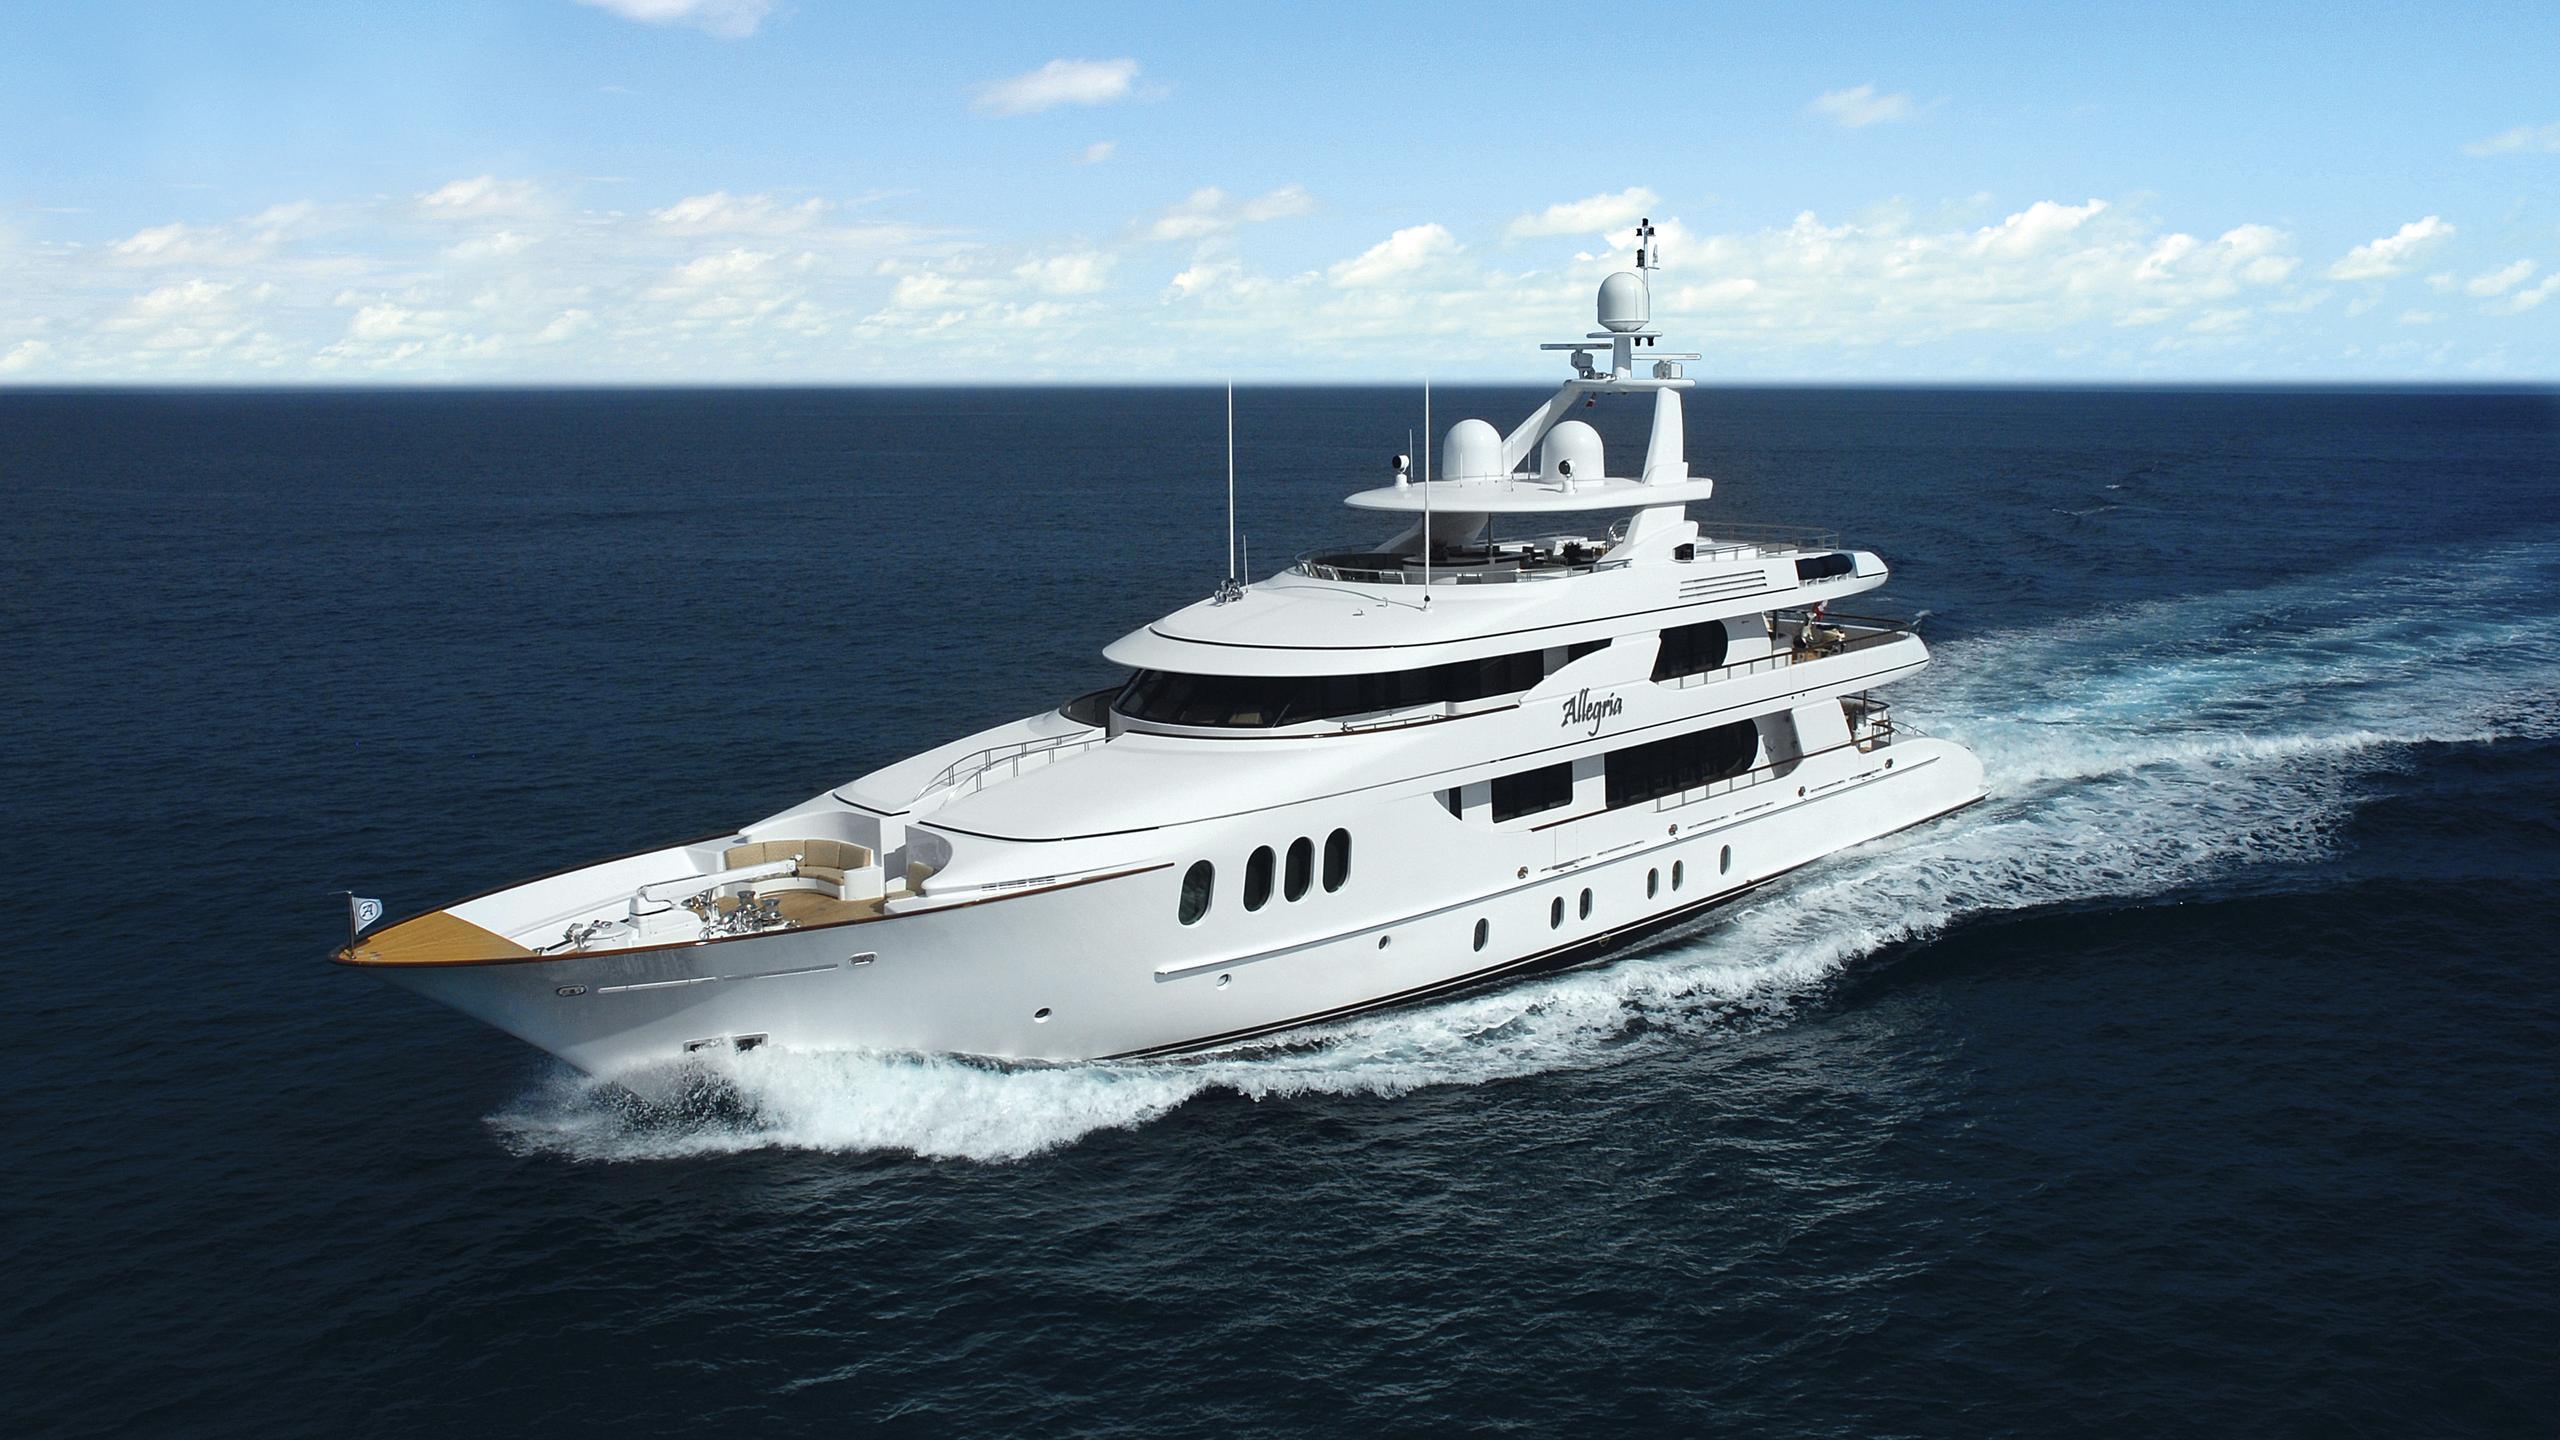 allegria-yacht-cruising